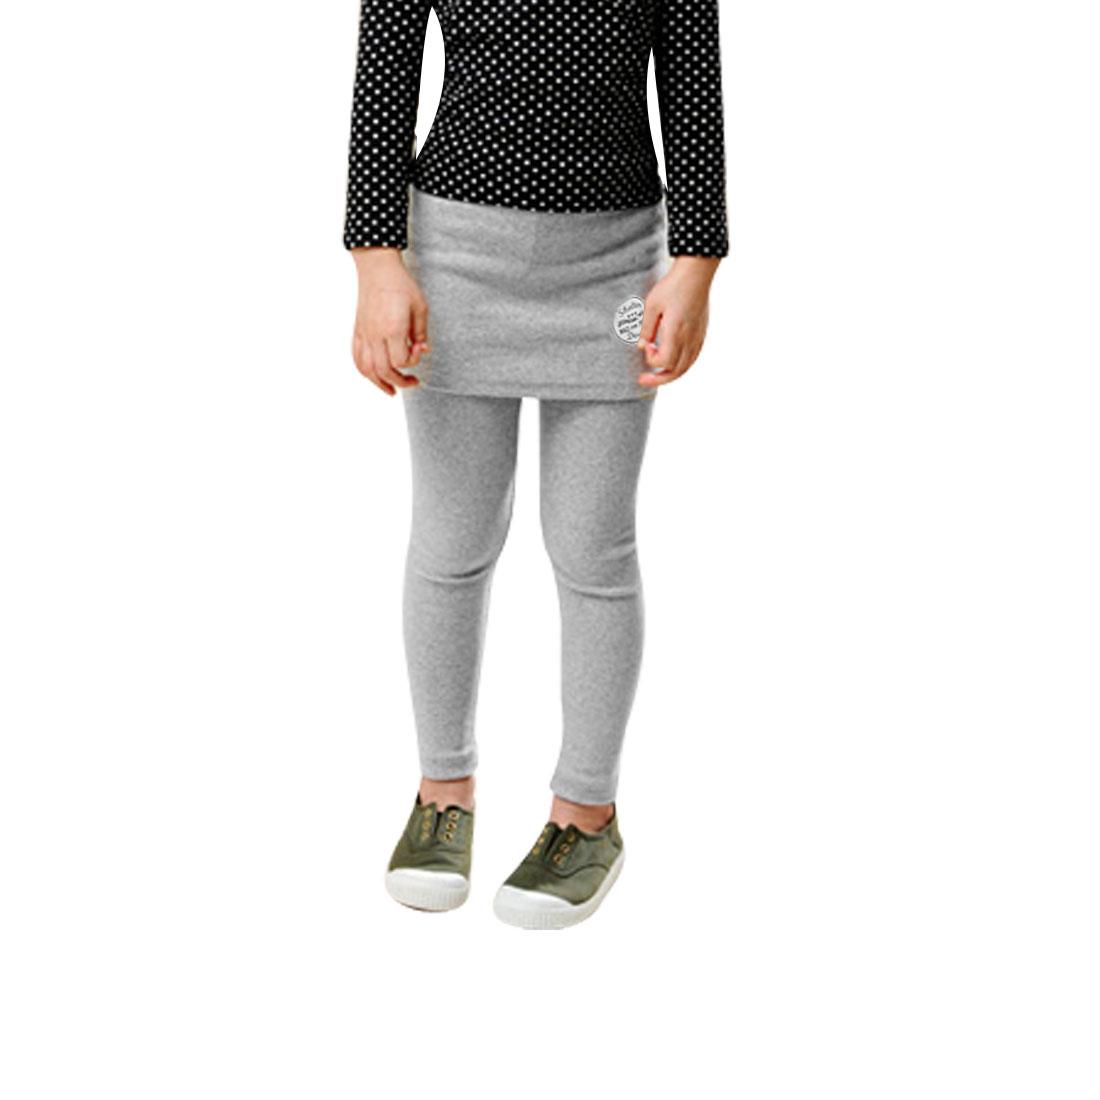 Elastic Waist Skinny Skirt Leggings Tights Pantskirt Gray UK 5 for Girls